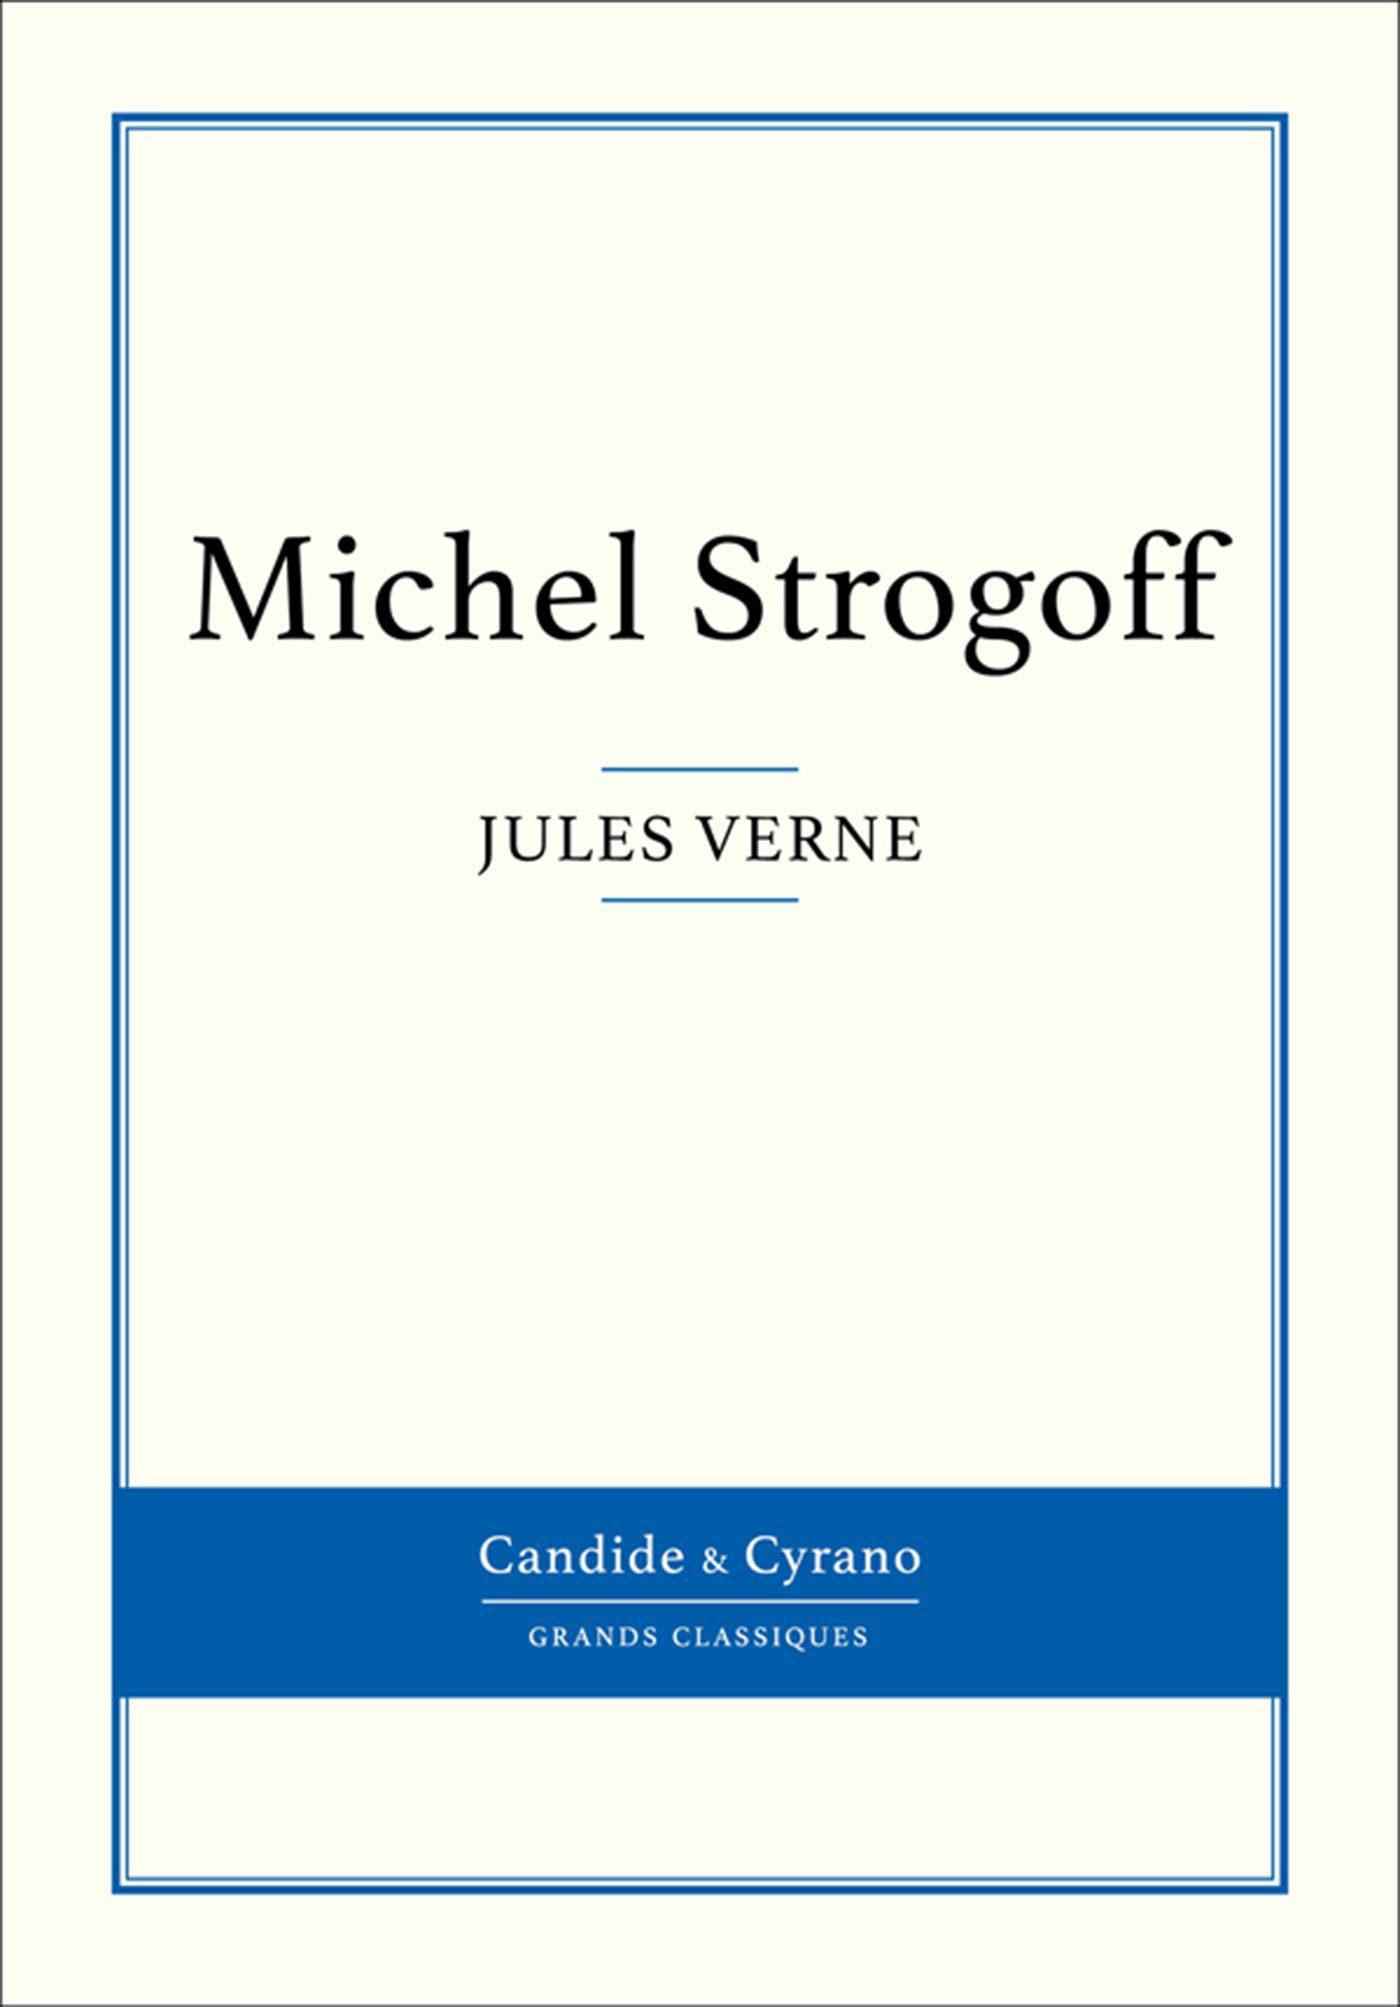 Michel Strogoff